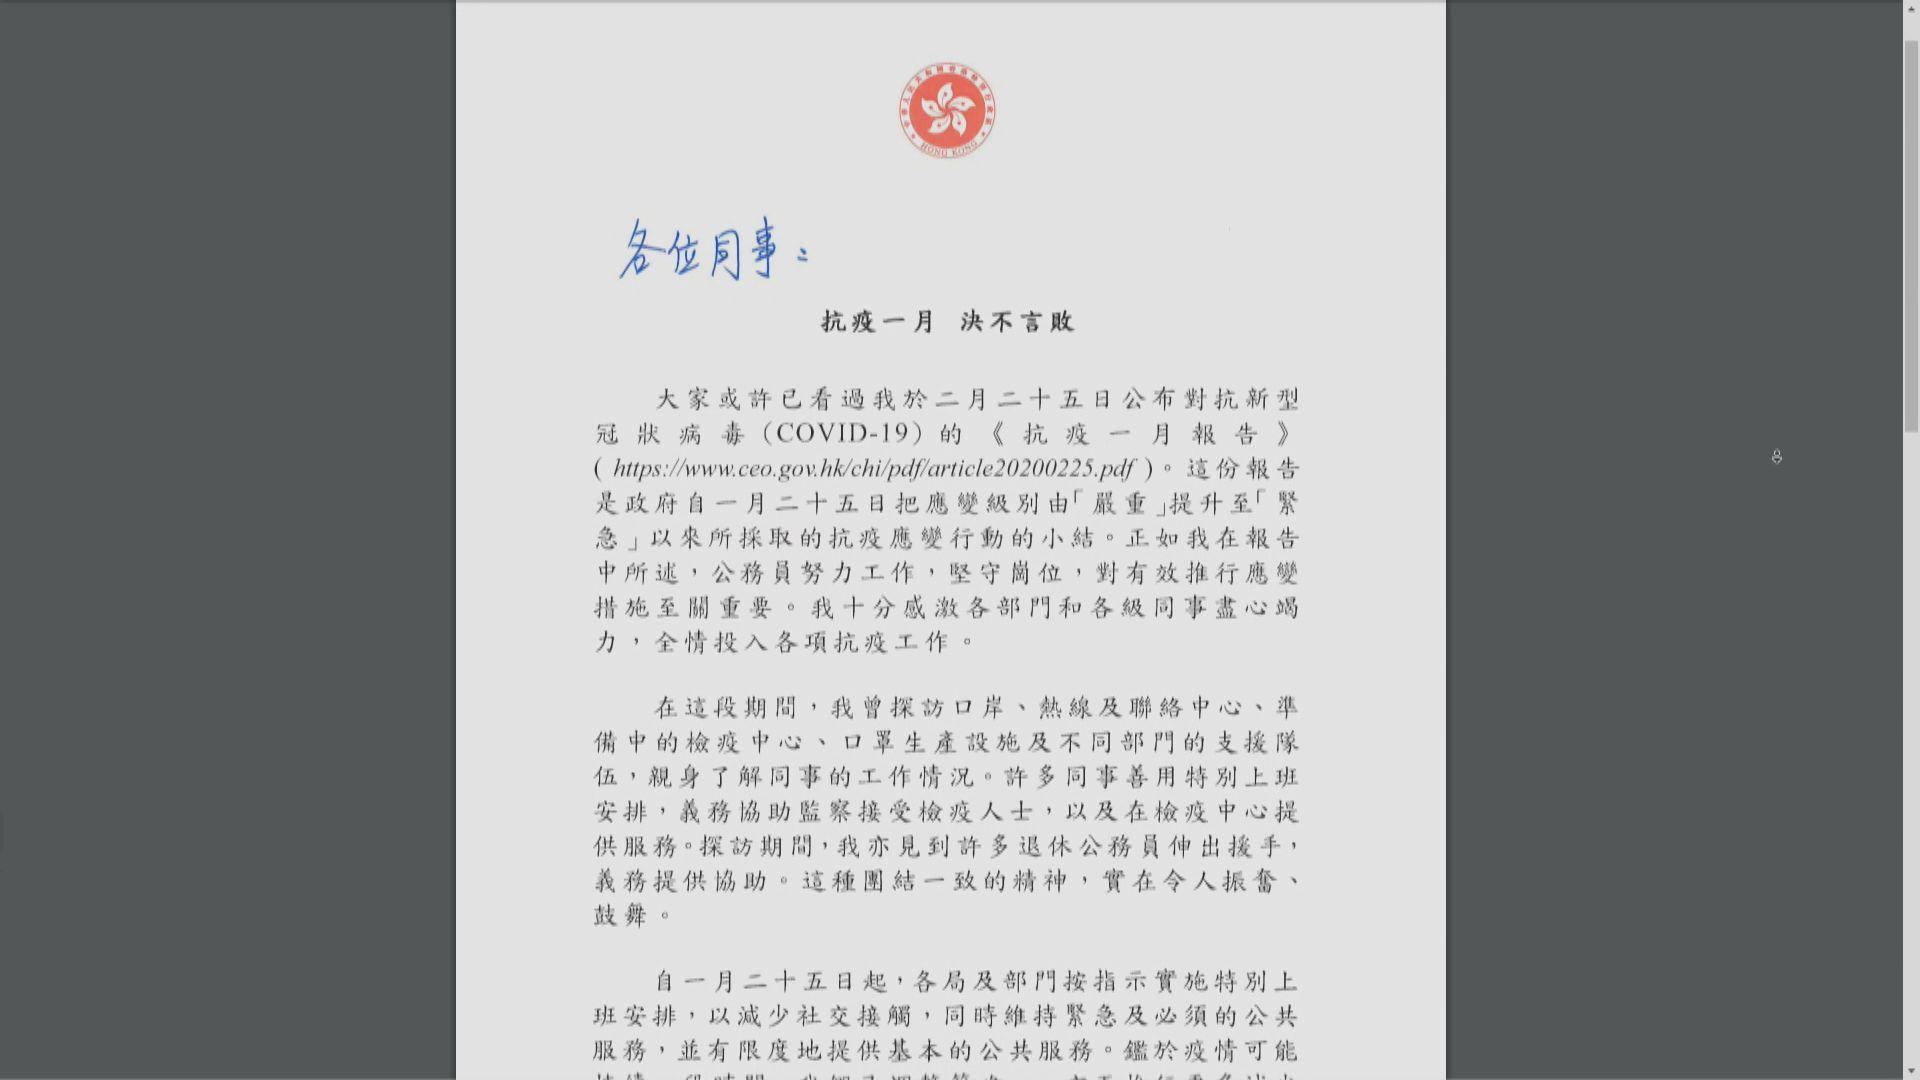 林鄭去信公務員 稱體恤關懷公務員關注疫情